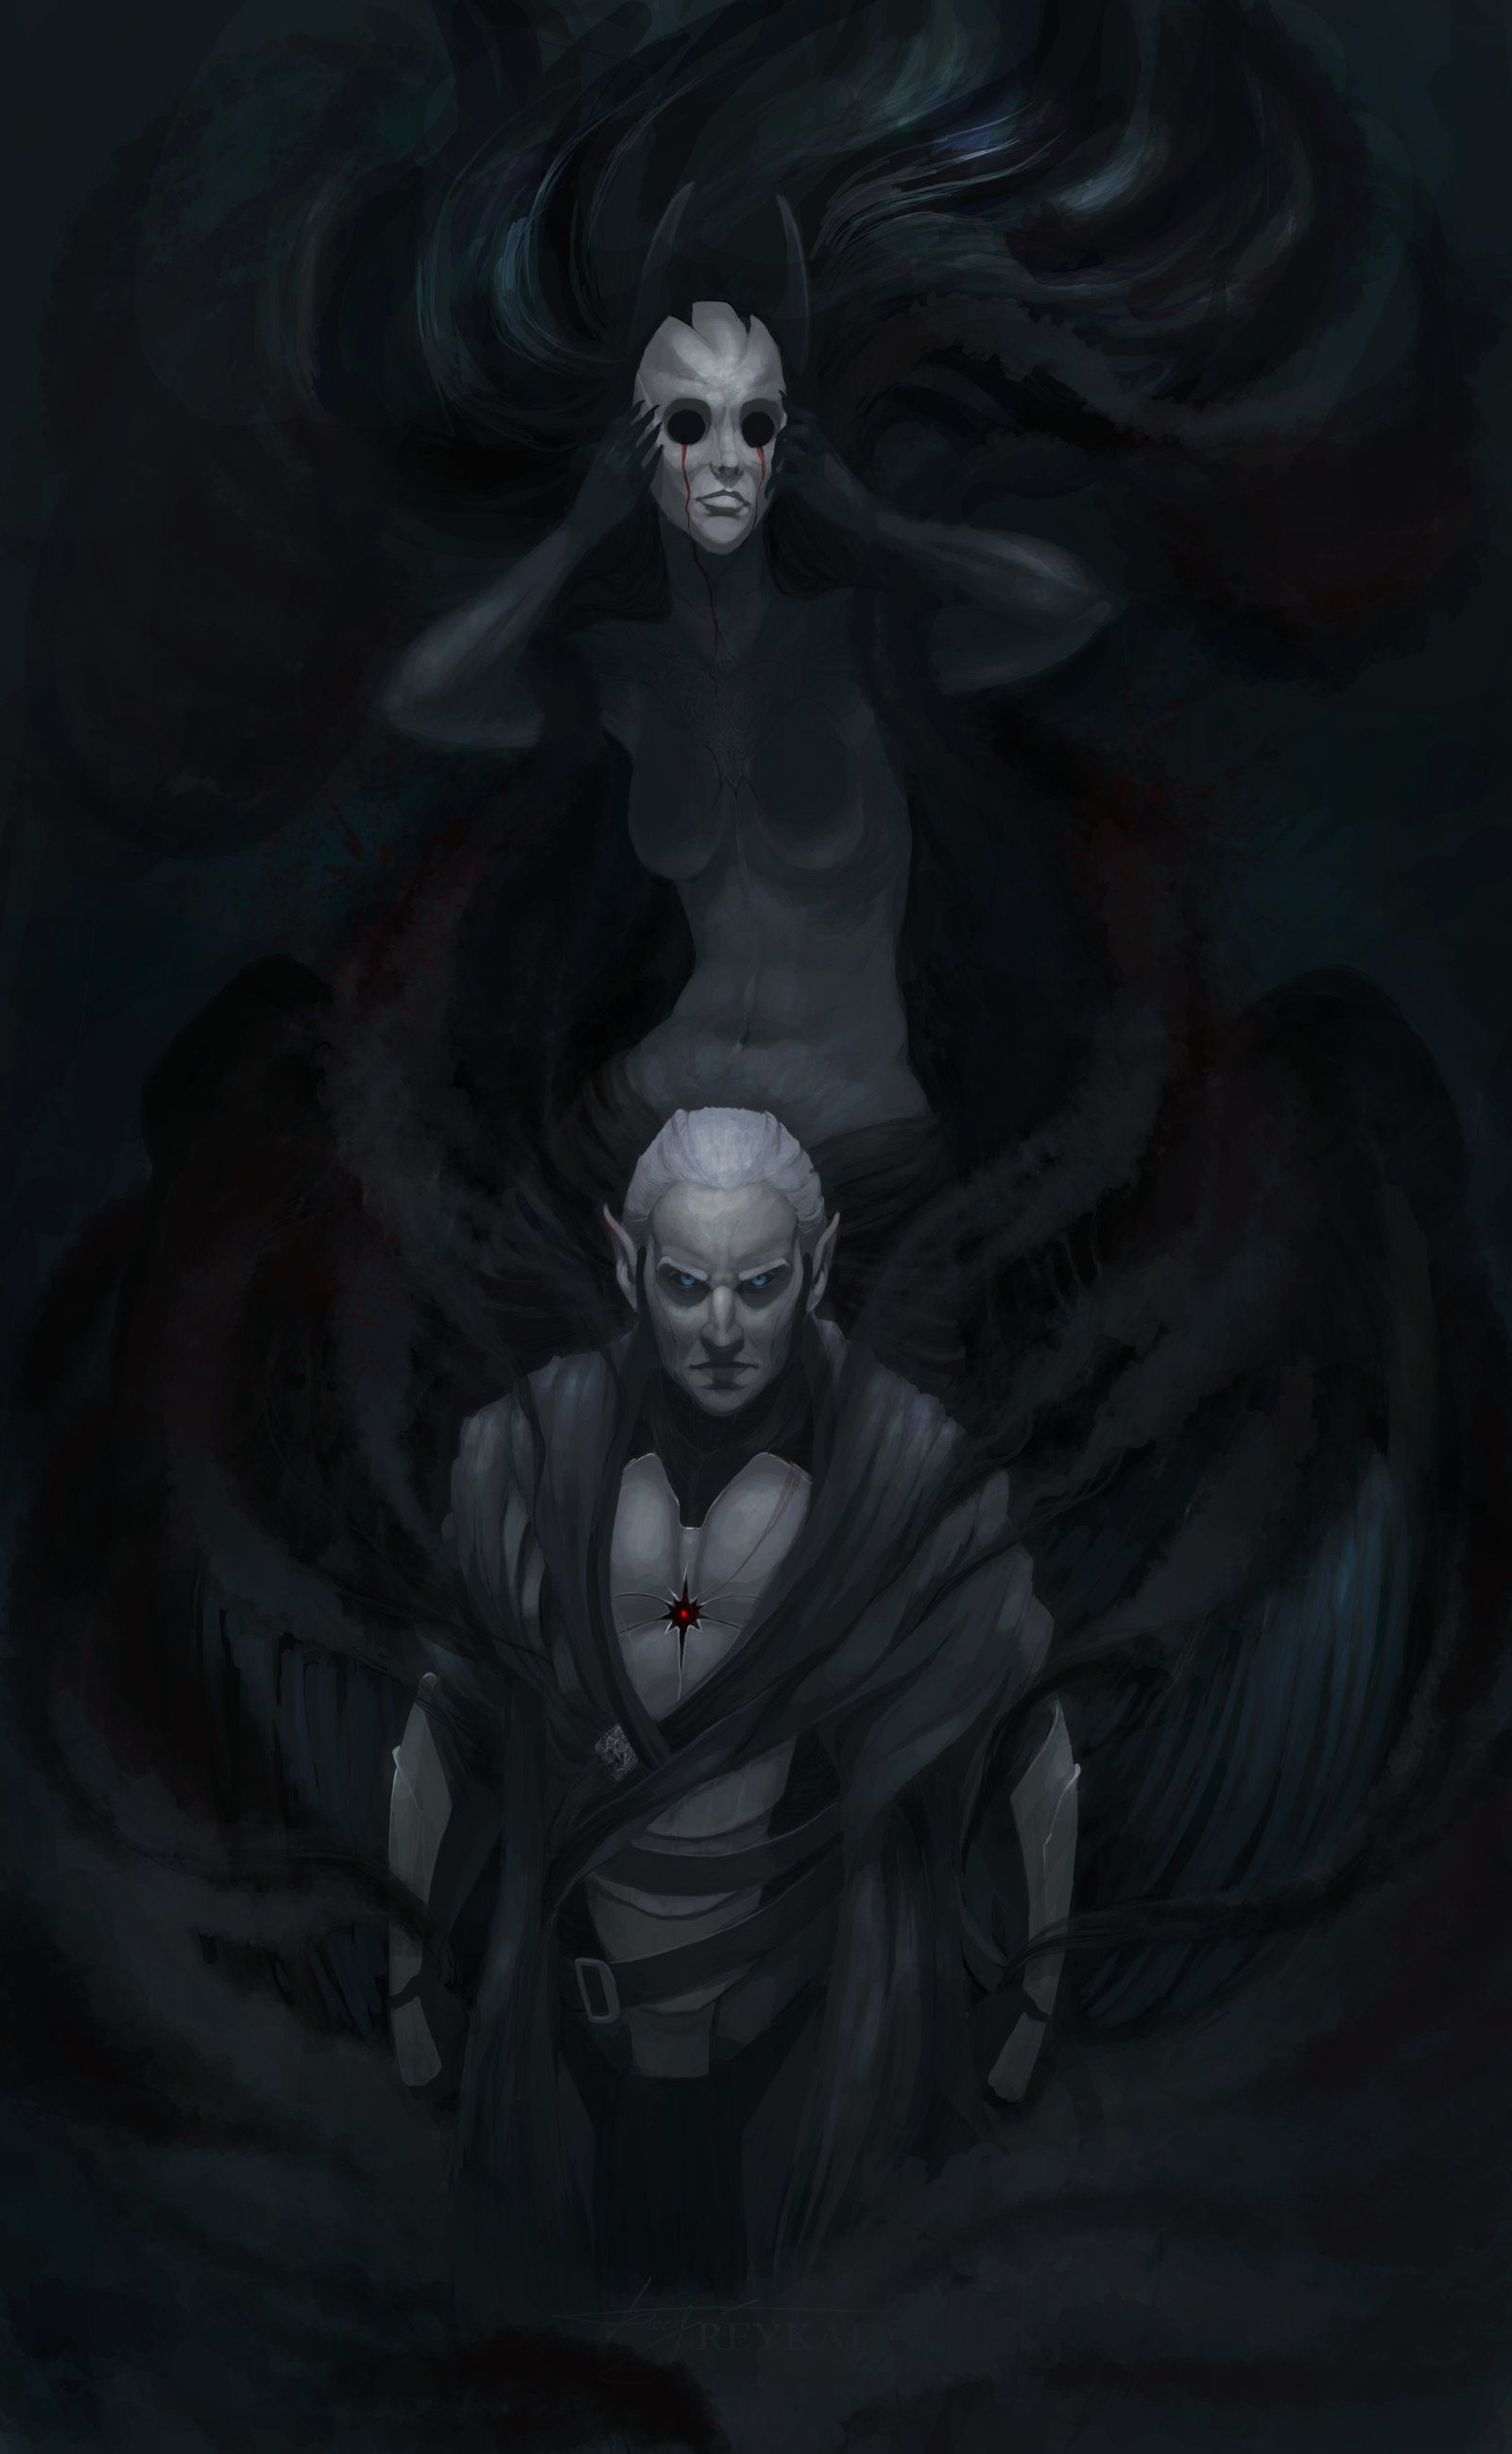 Malekith by REYKAT.deviantart.com on @deviantART | King of ...